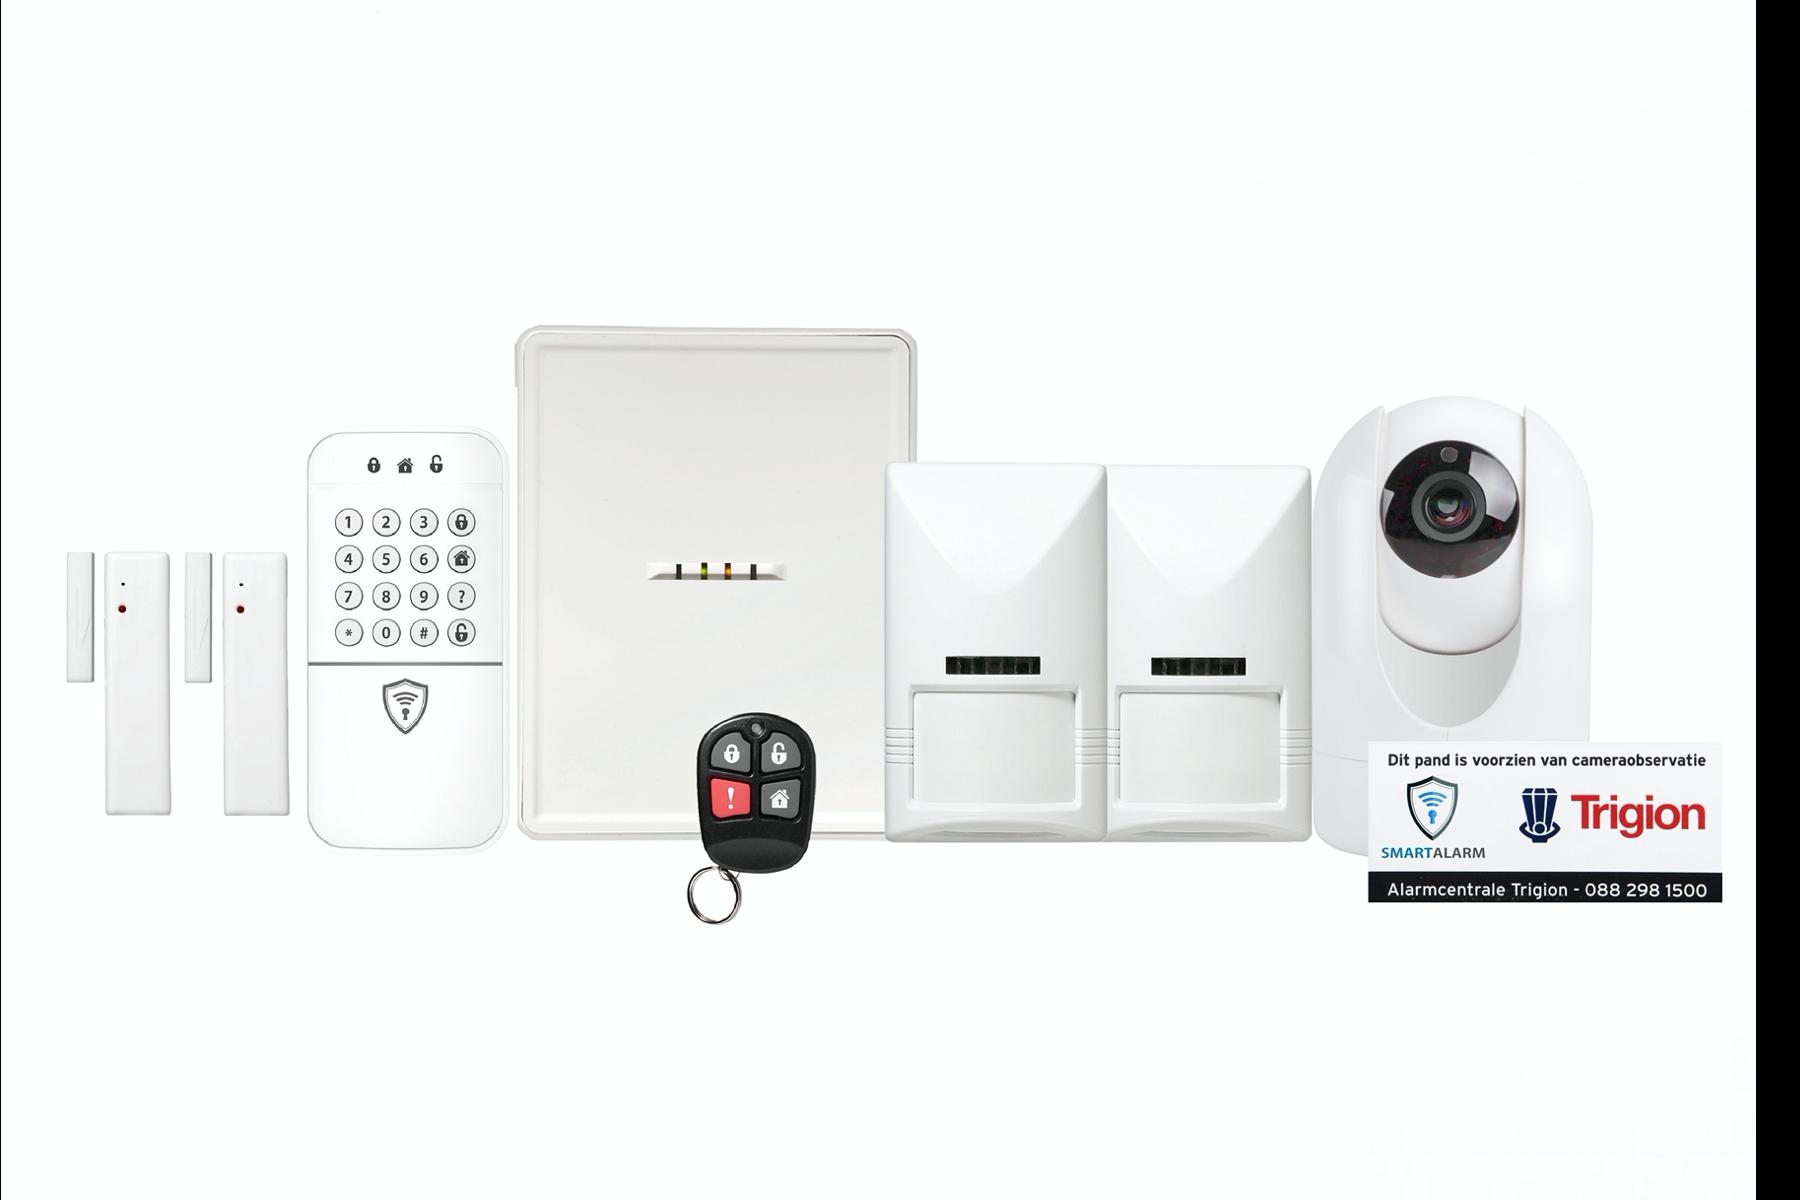 Plus Alarmpakket met Full HD camera